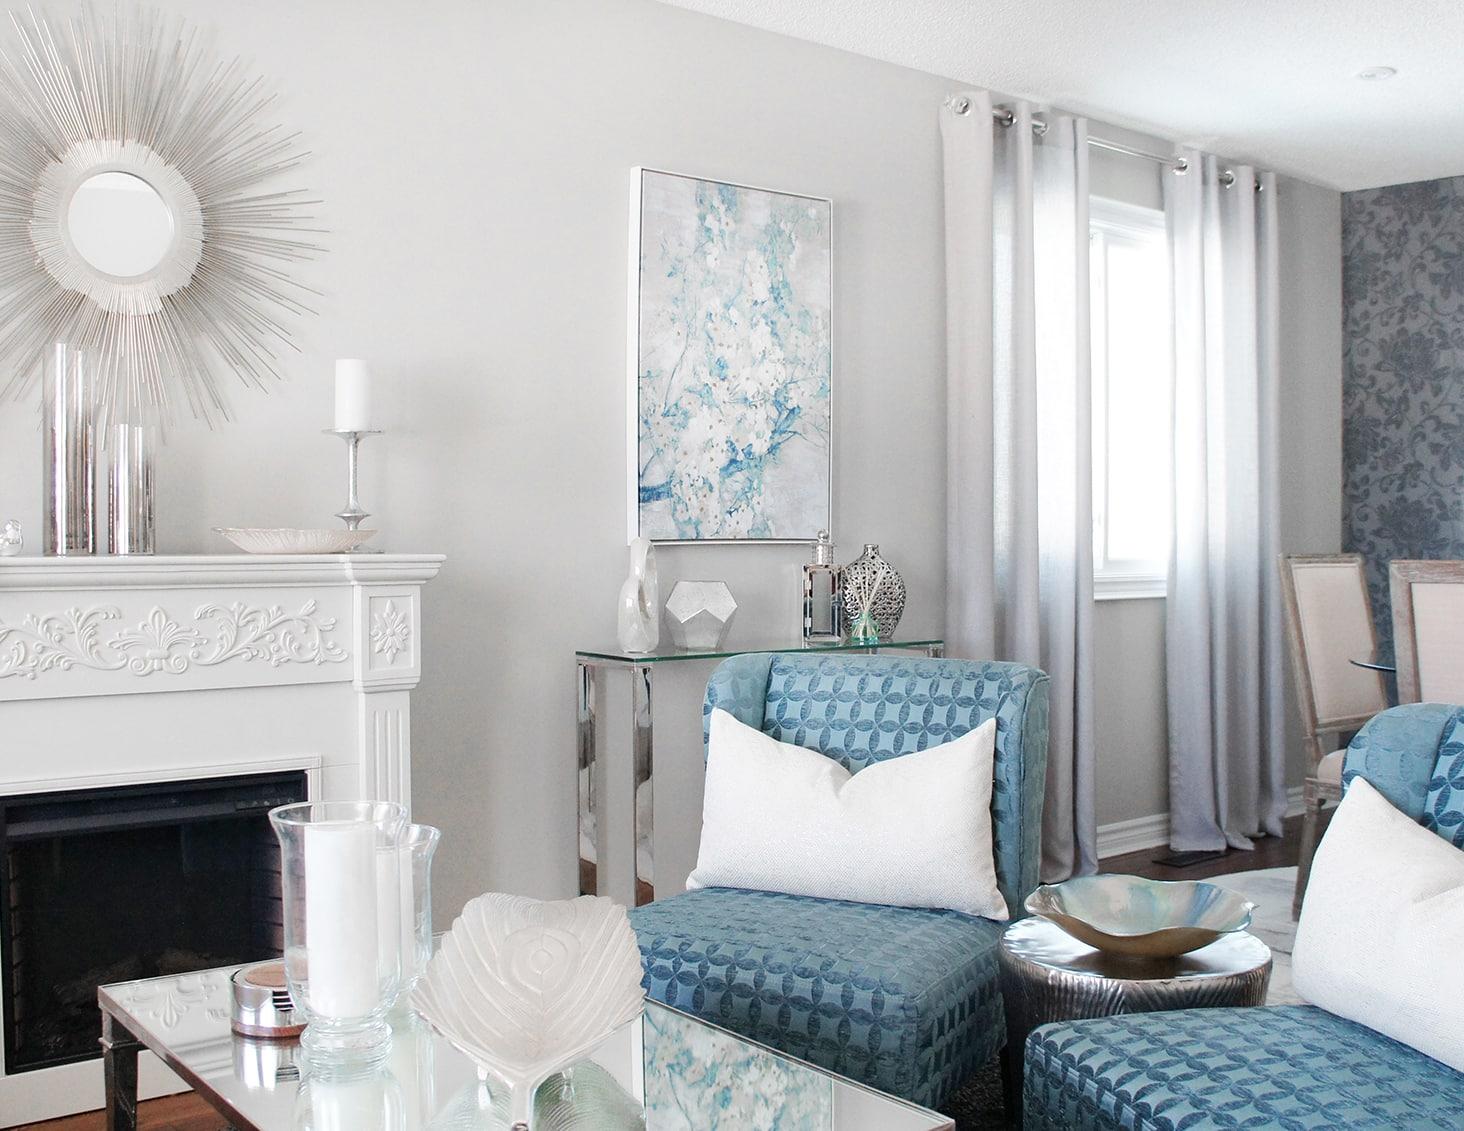 interior design, toronto designer, interior decorating, oakville decorating, design consultant